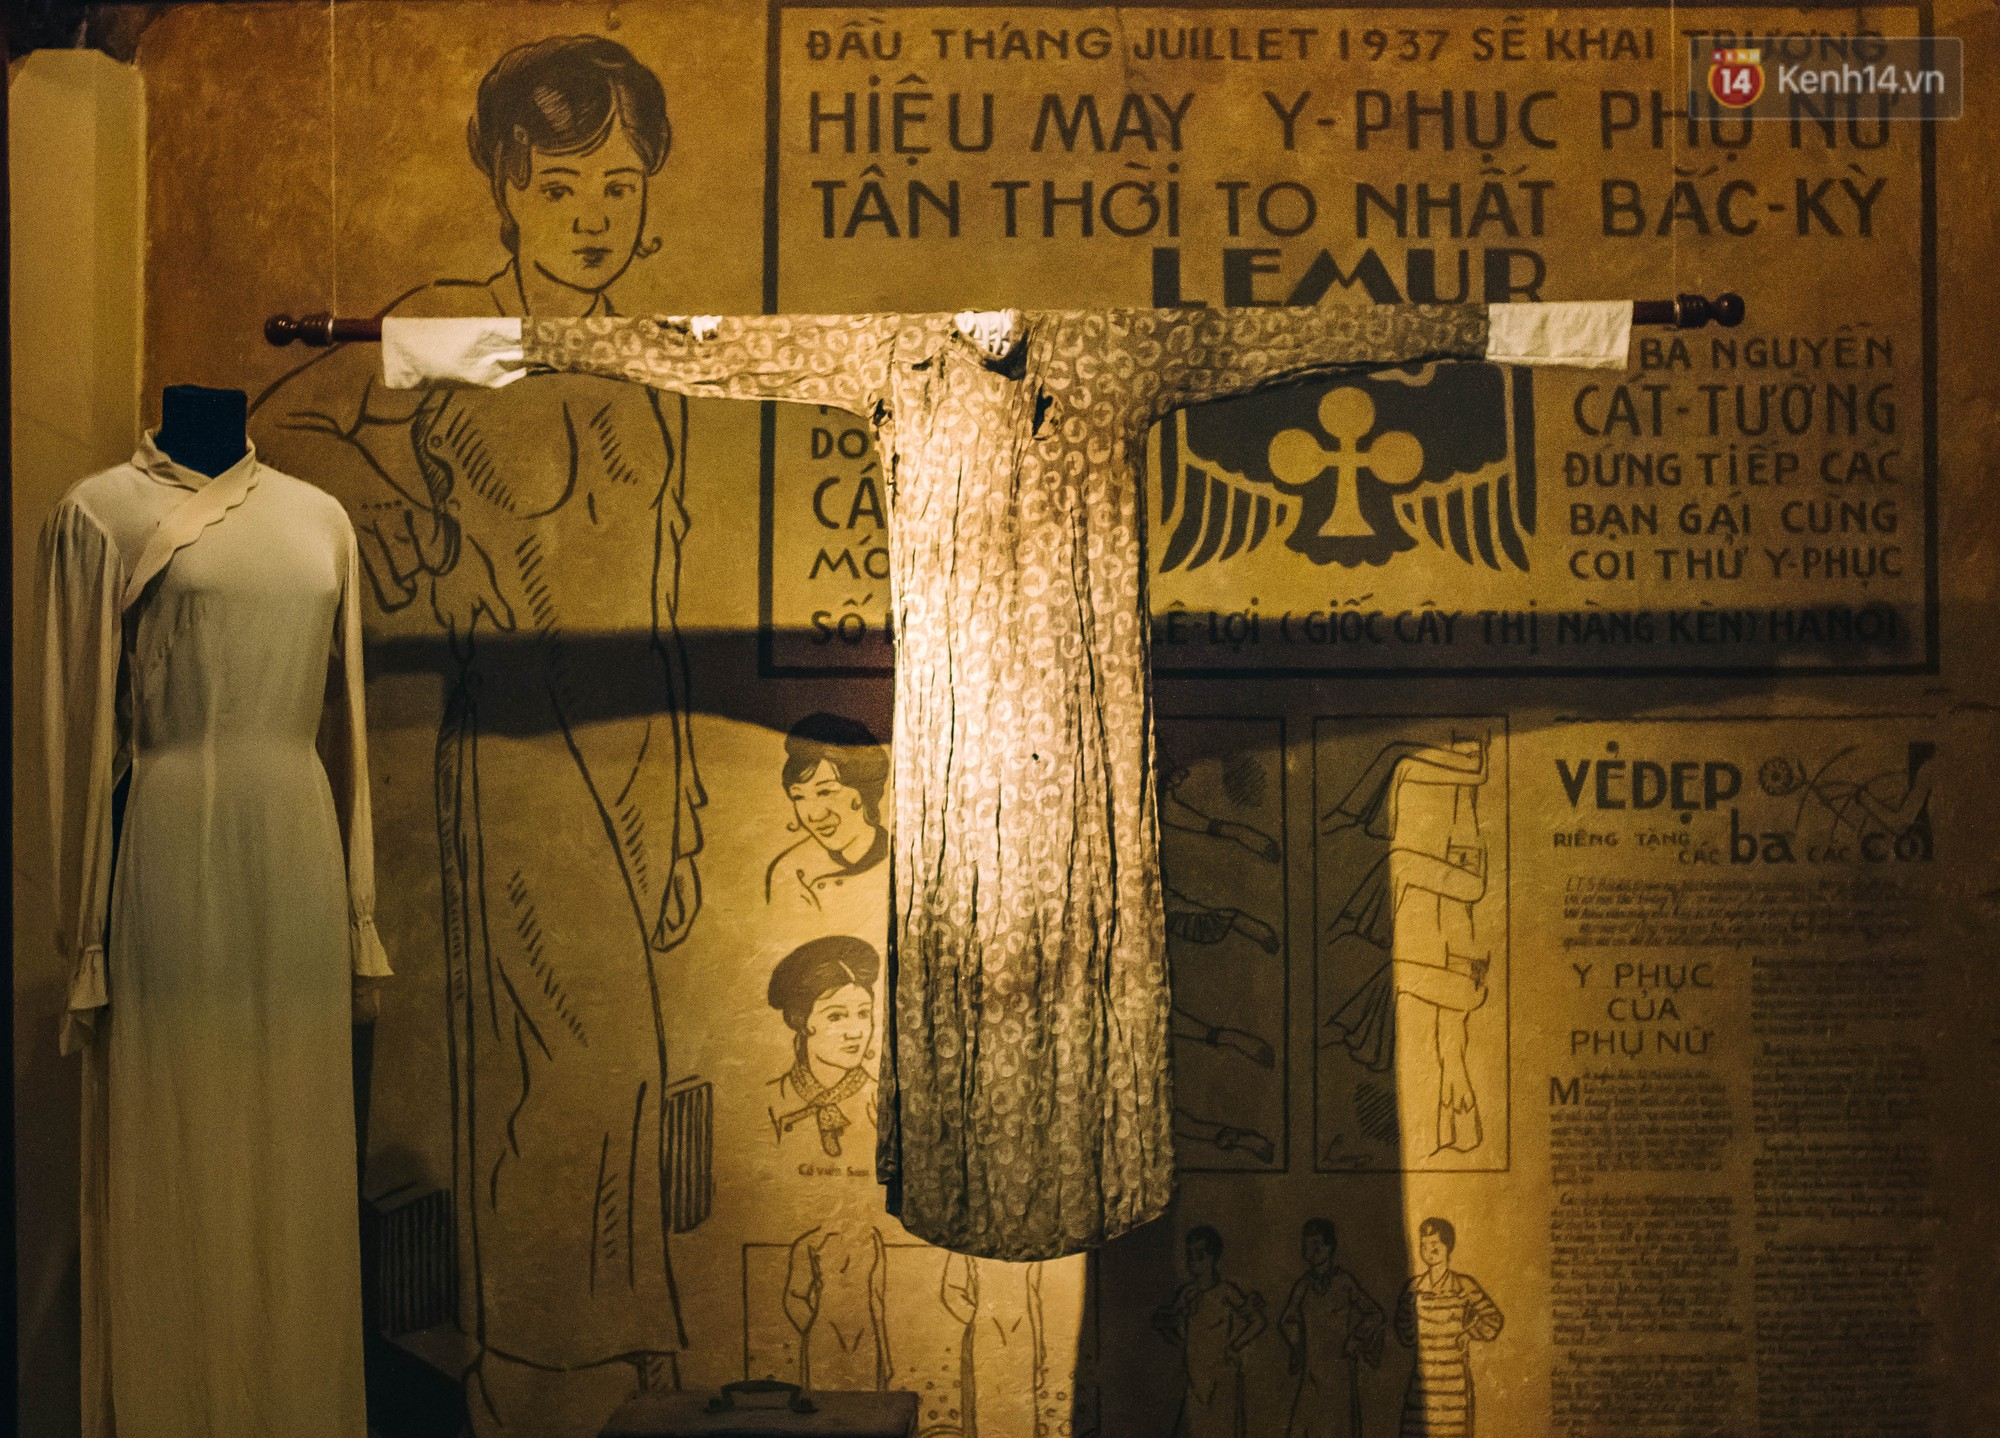 Ở Sài Gòn có một bảo tàng đẹp như tranh chỉ dành riêng để tôn vinh áo dài - Ảnh 5.